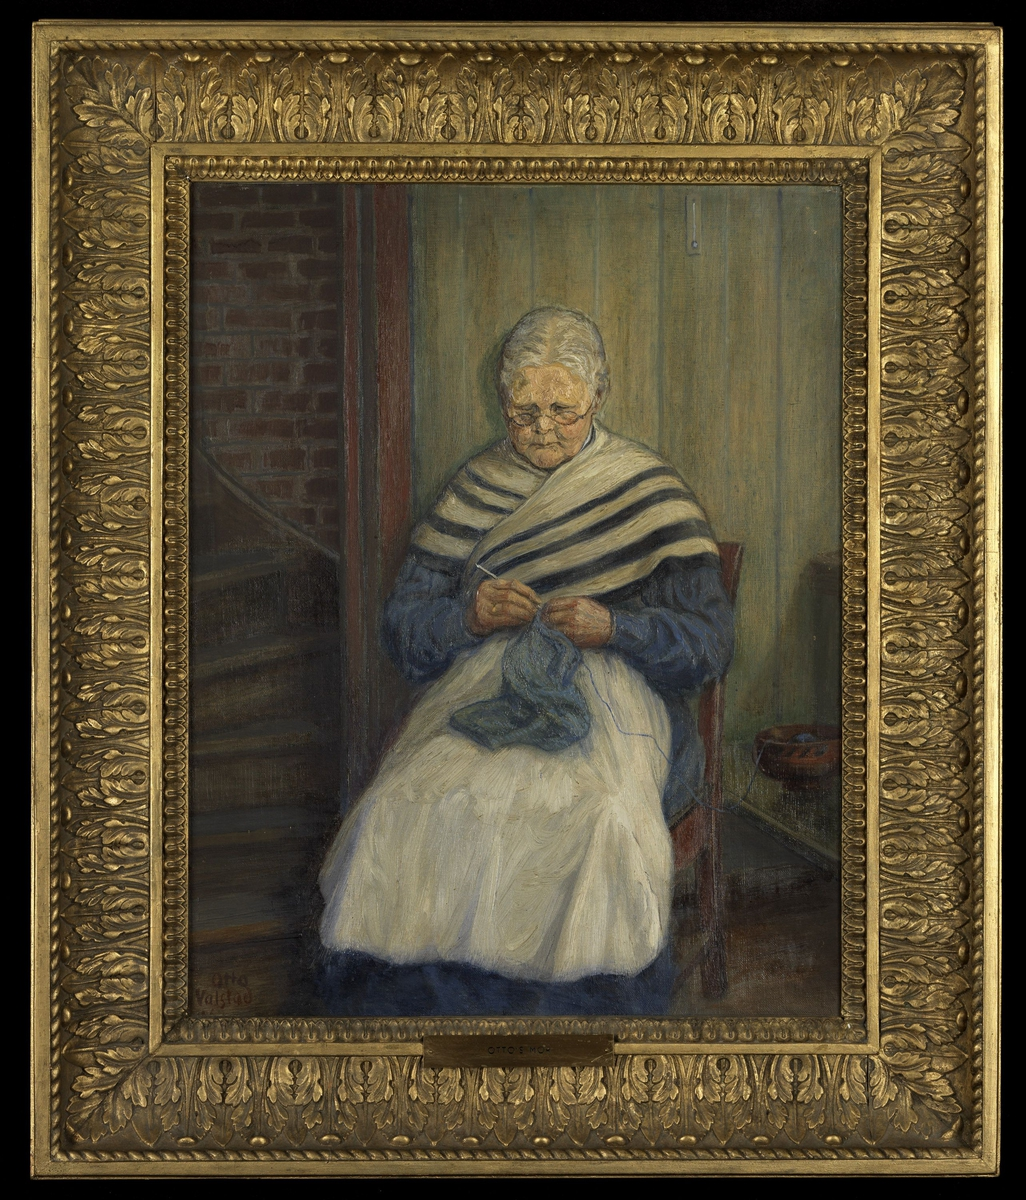 Kvinne gråhåret, sittende på stol, noe venstrev., strikkende, blå kjole, hvitt forkle, blått og hvitt sjal, trapp tilv.